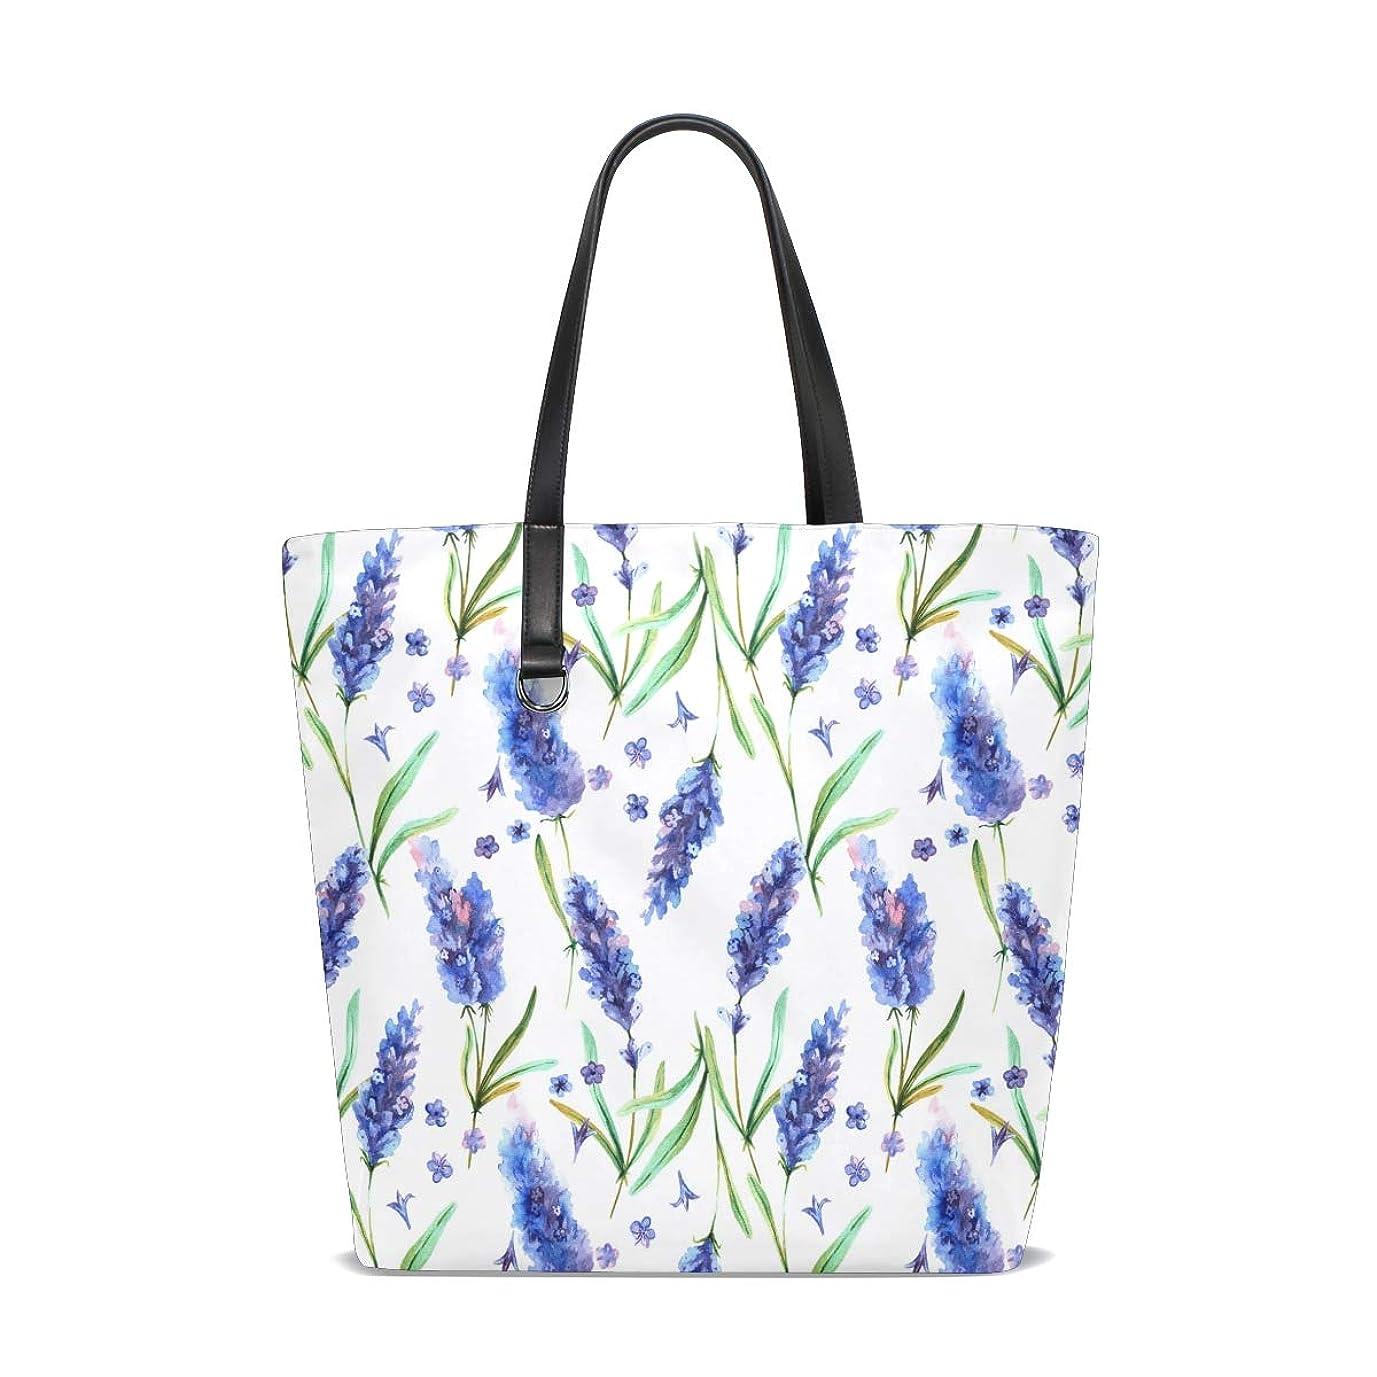 待って家禽デッキトートバッグ かばん ポリエステル+レザー ラベンダーの花 青 両面使える 大容量 通勤通学 メンズ レディース